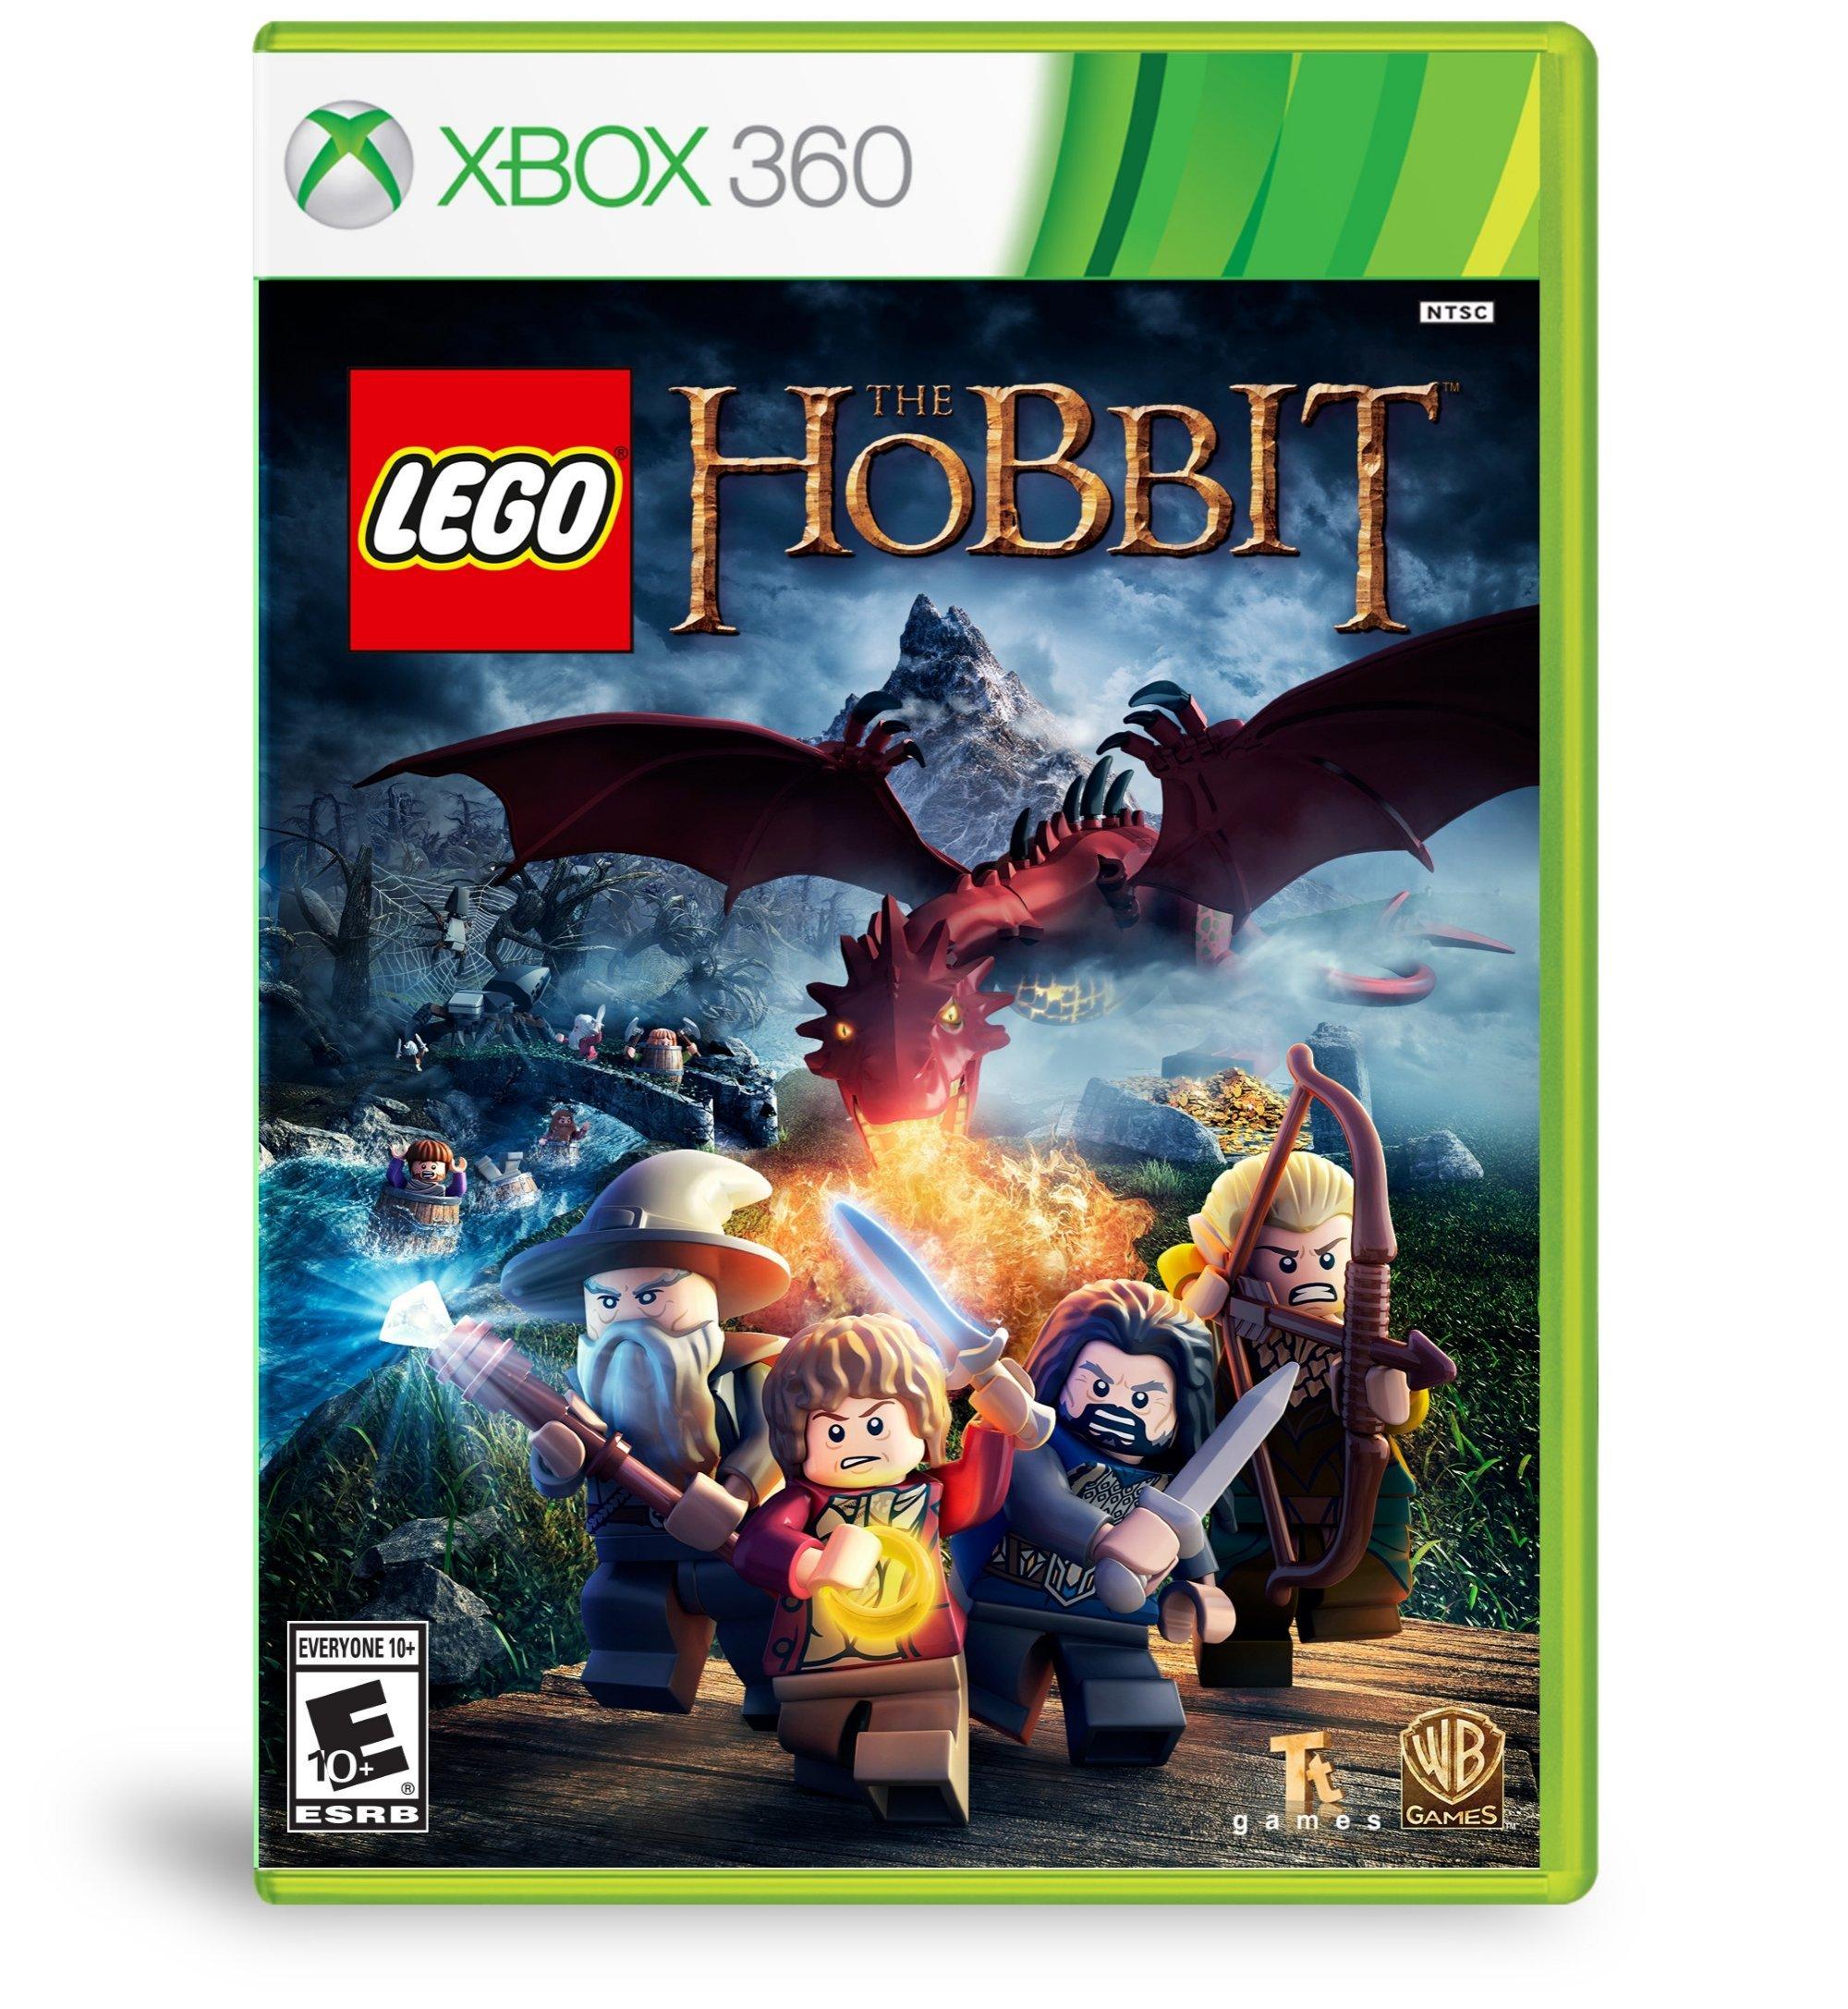 LEGO The Hobbit - Xbox 360